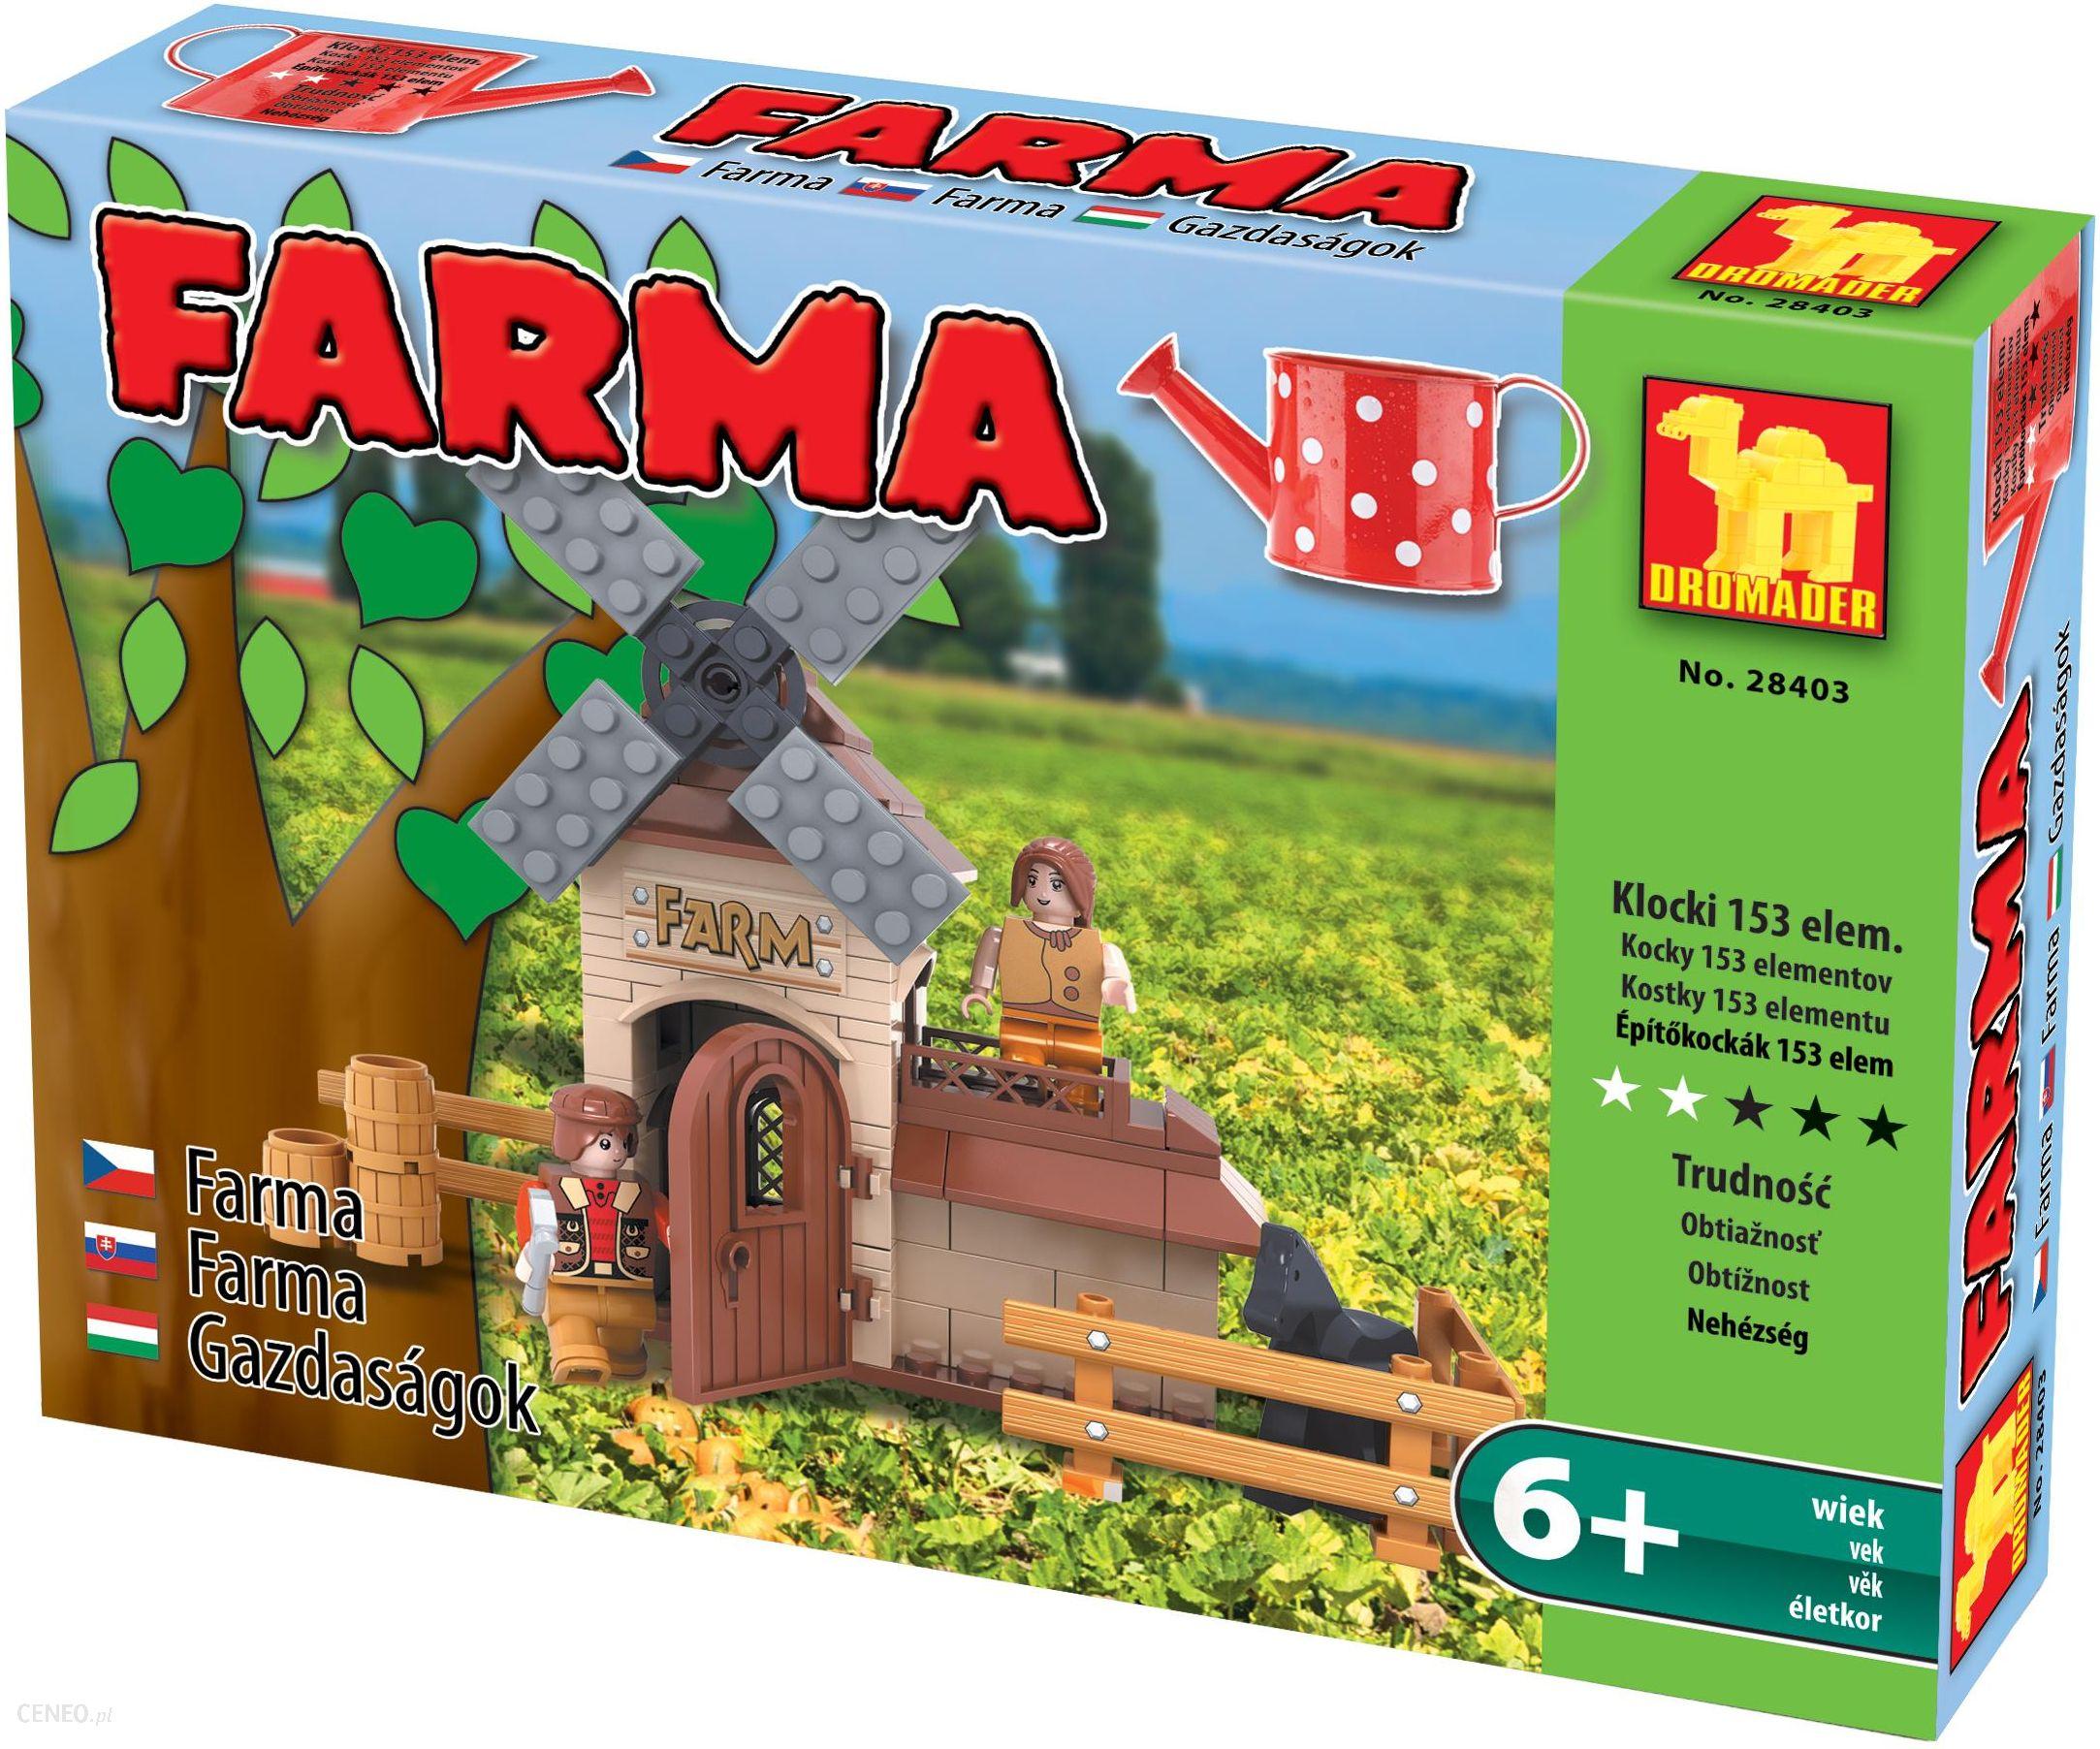 Klocki Dromader Klocki Farma Młyn Wiatrak Warsztat153ele Ceny I